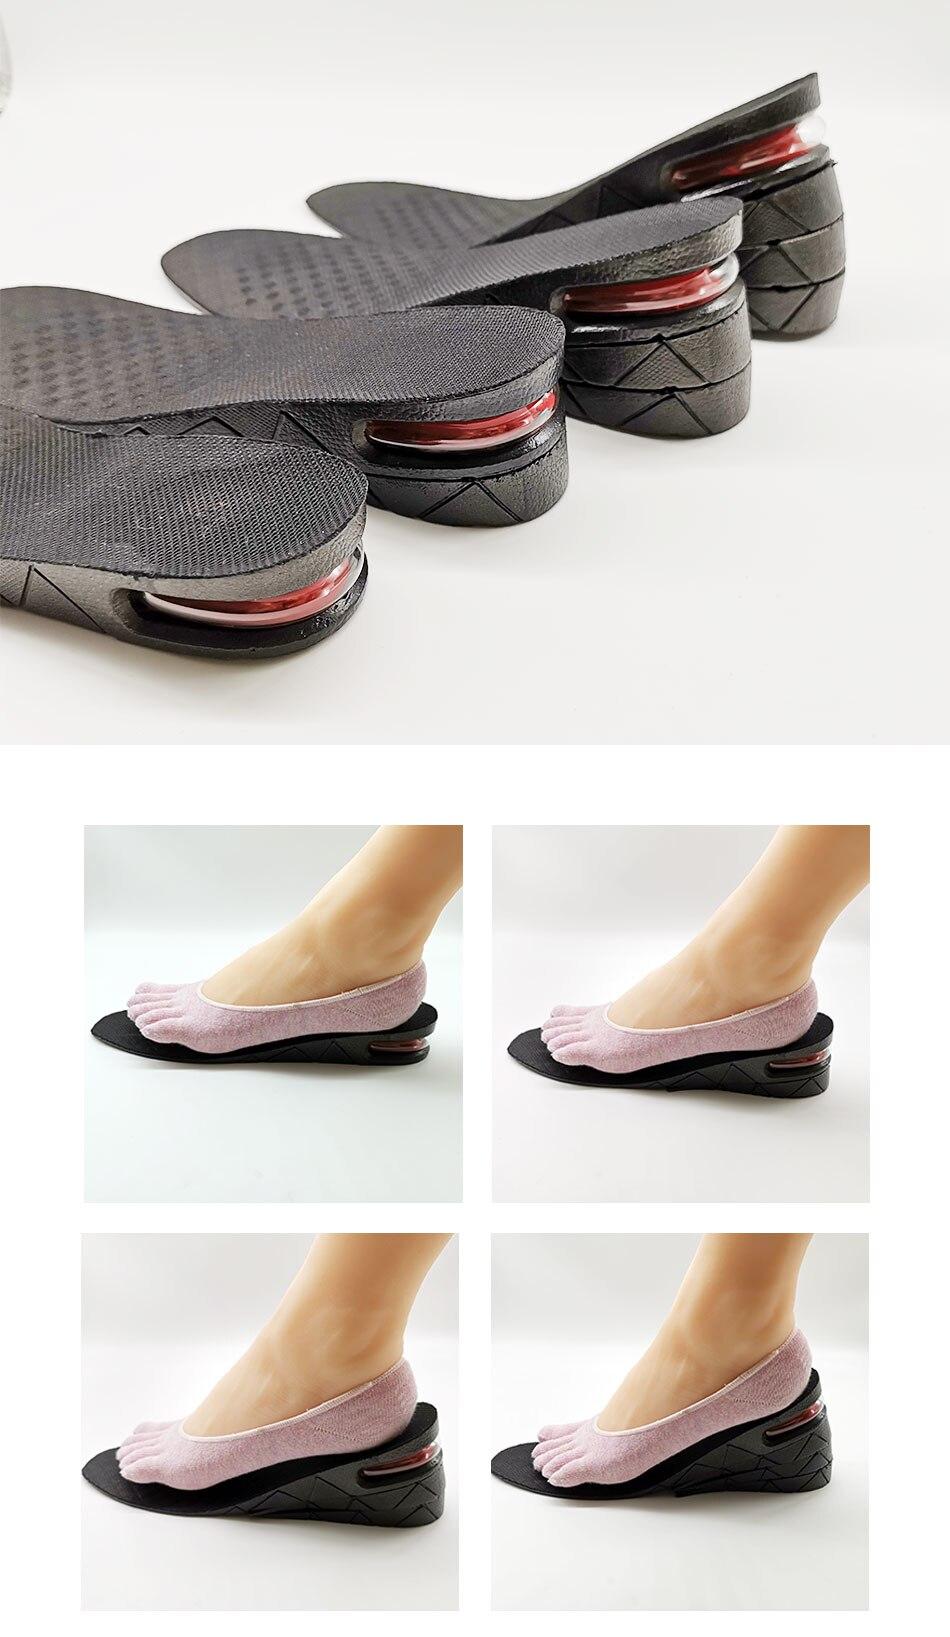 palmilha para aumento de altura  com um pé de uma mulher calçada meia em cima - the best acessórios